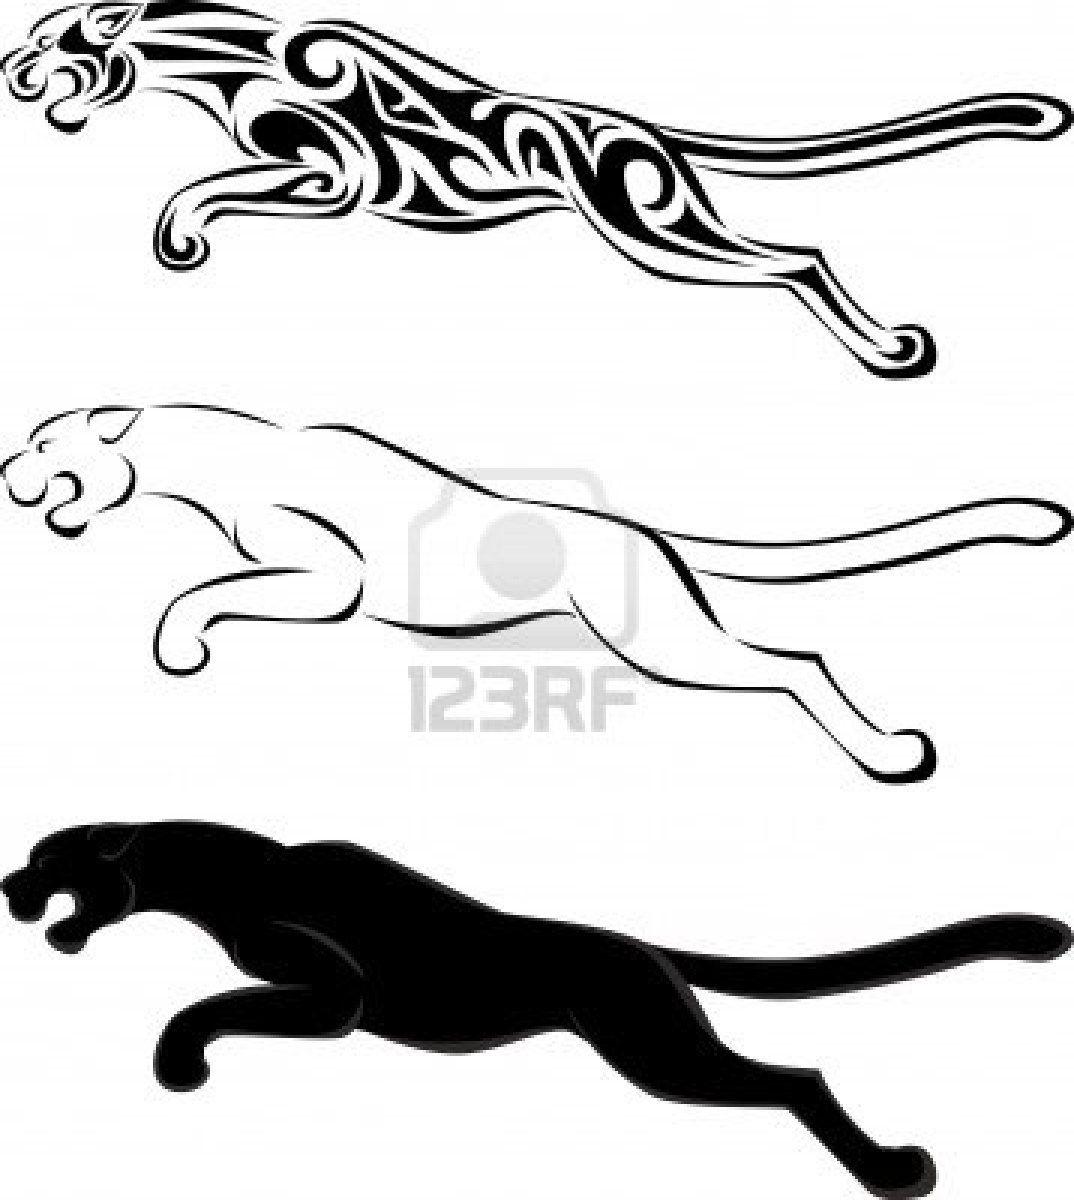 Jaguar Tattoos Designs Cliparts Vectors